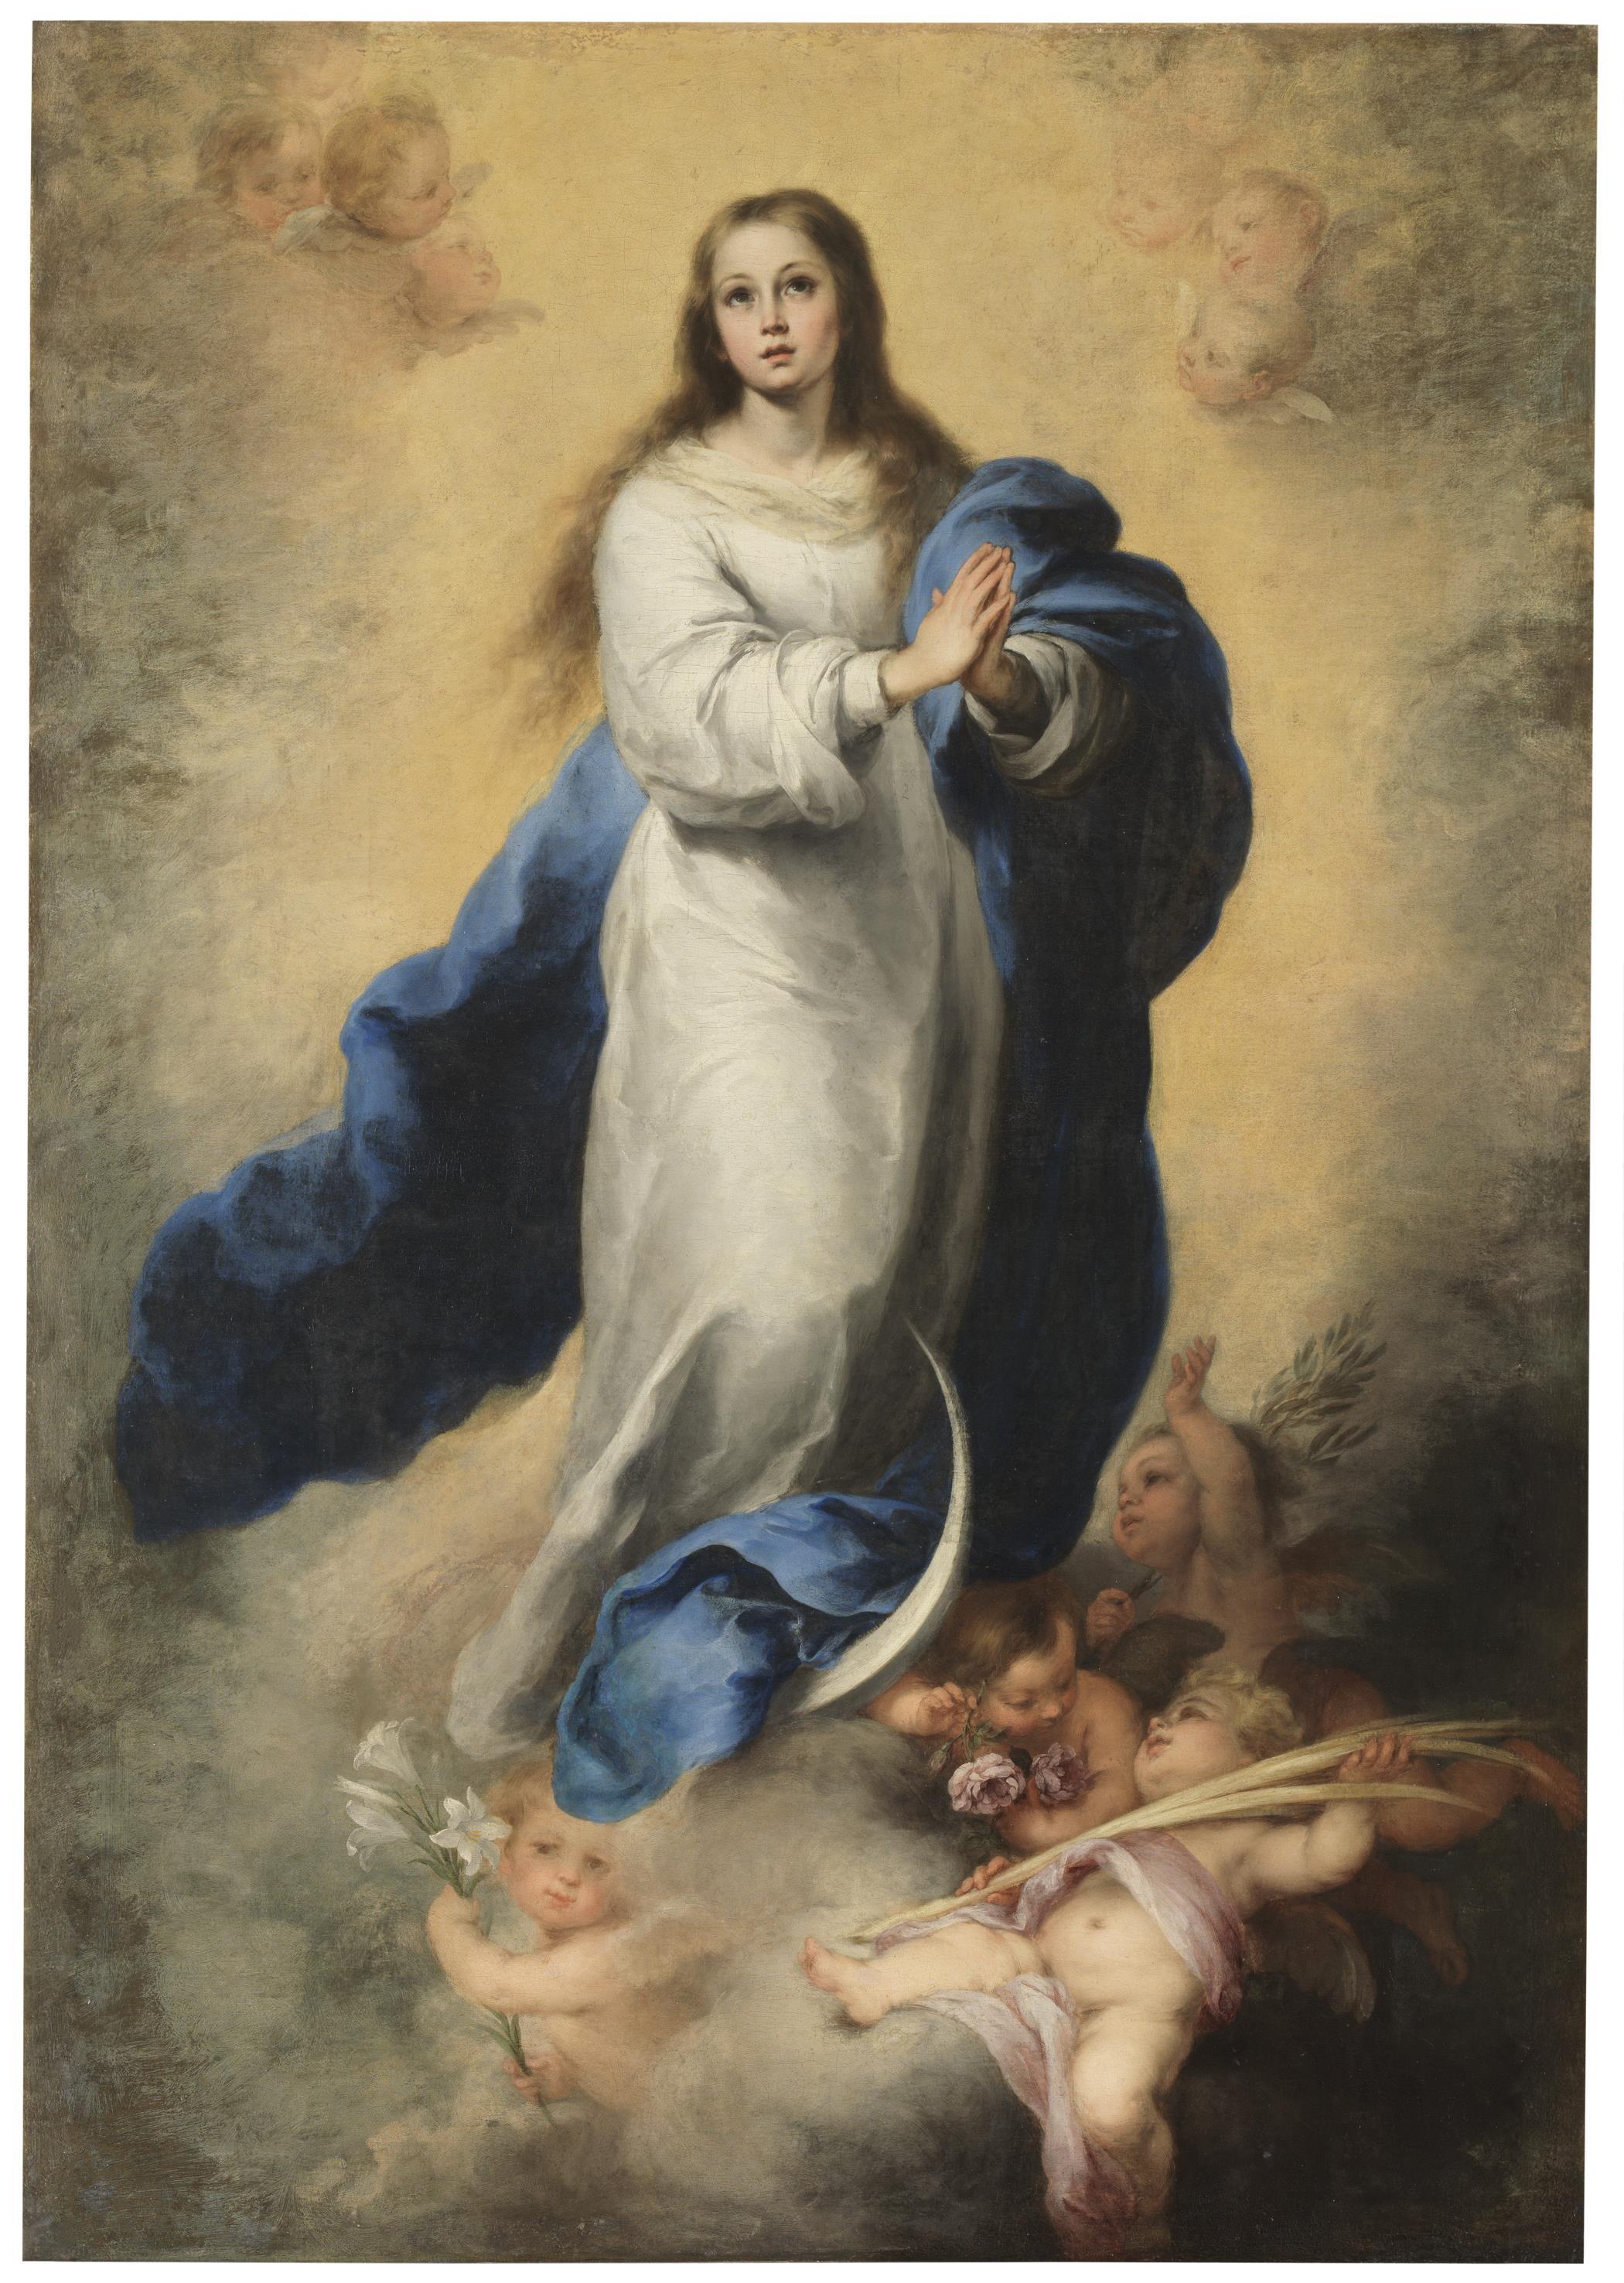 MARY at RUE DU BAC